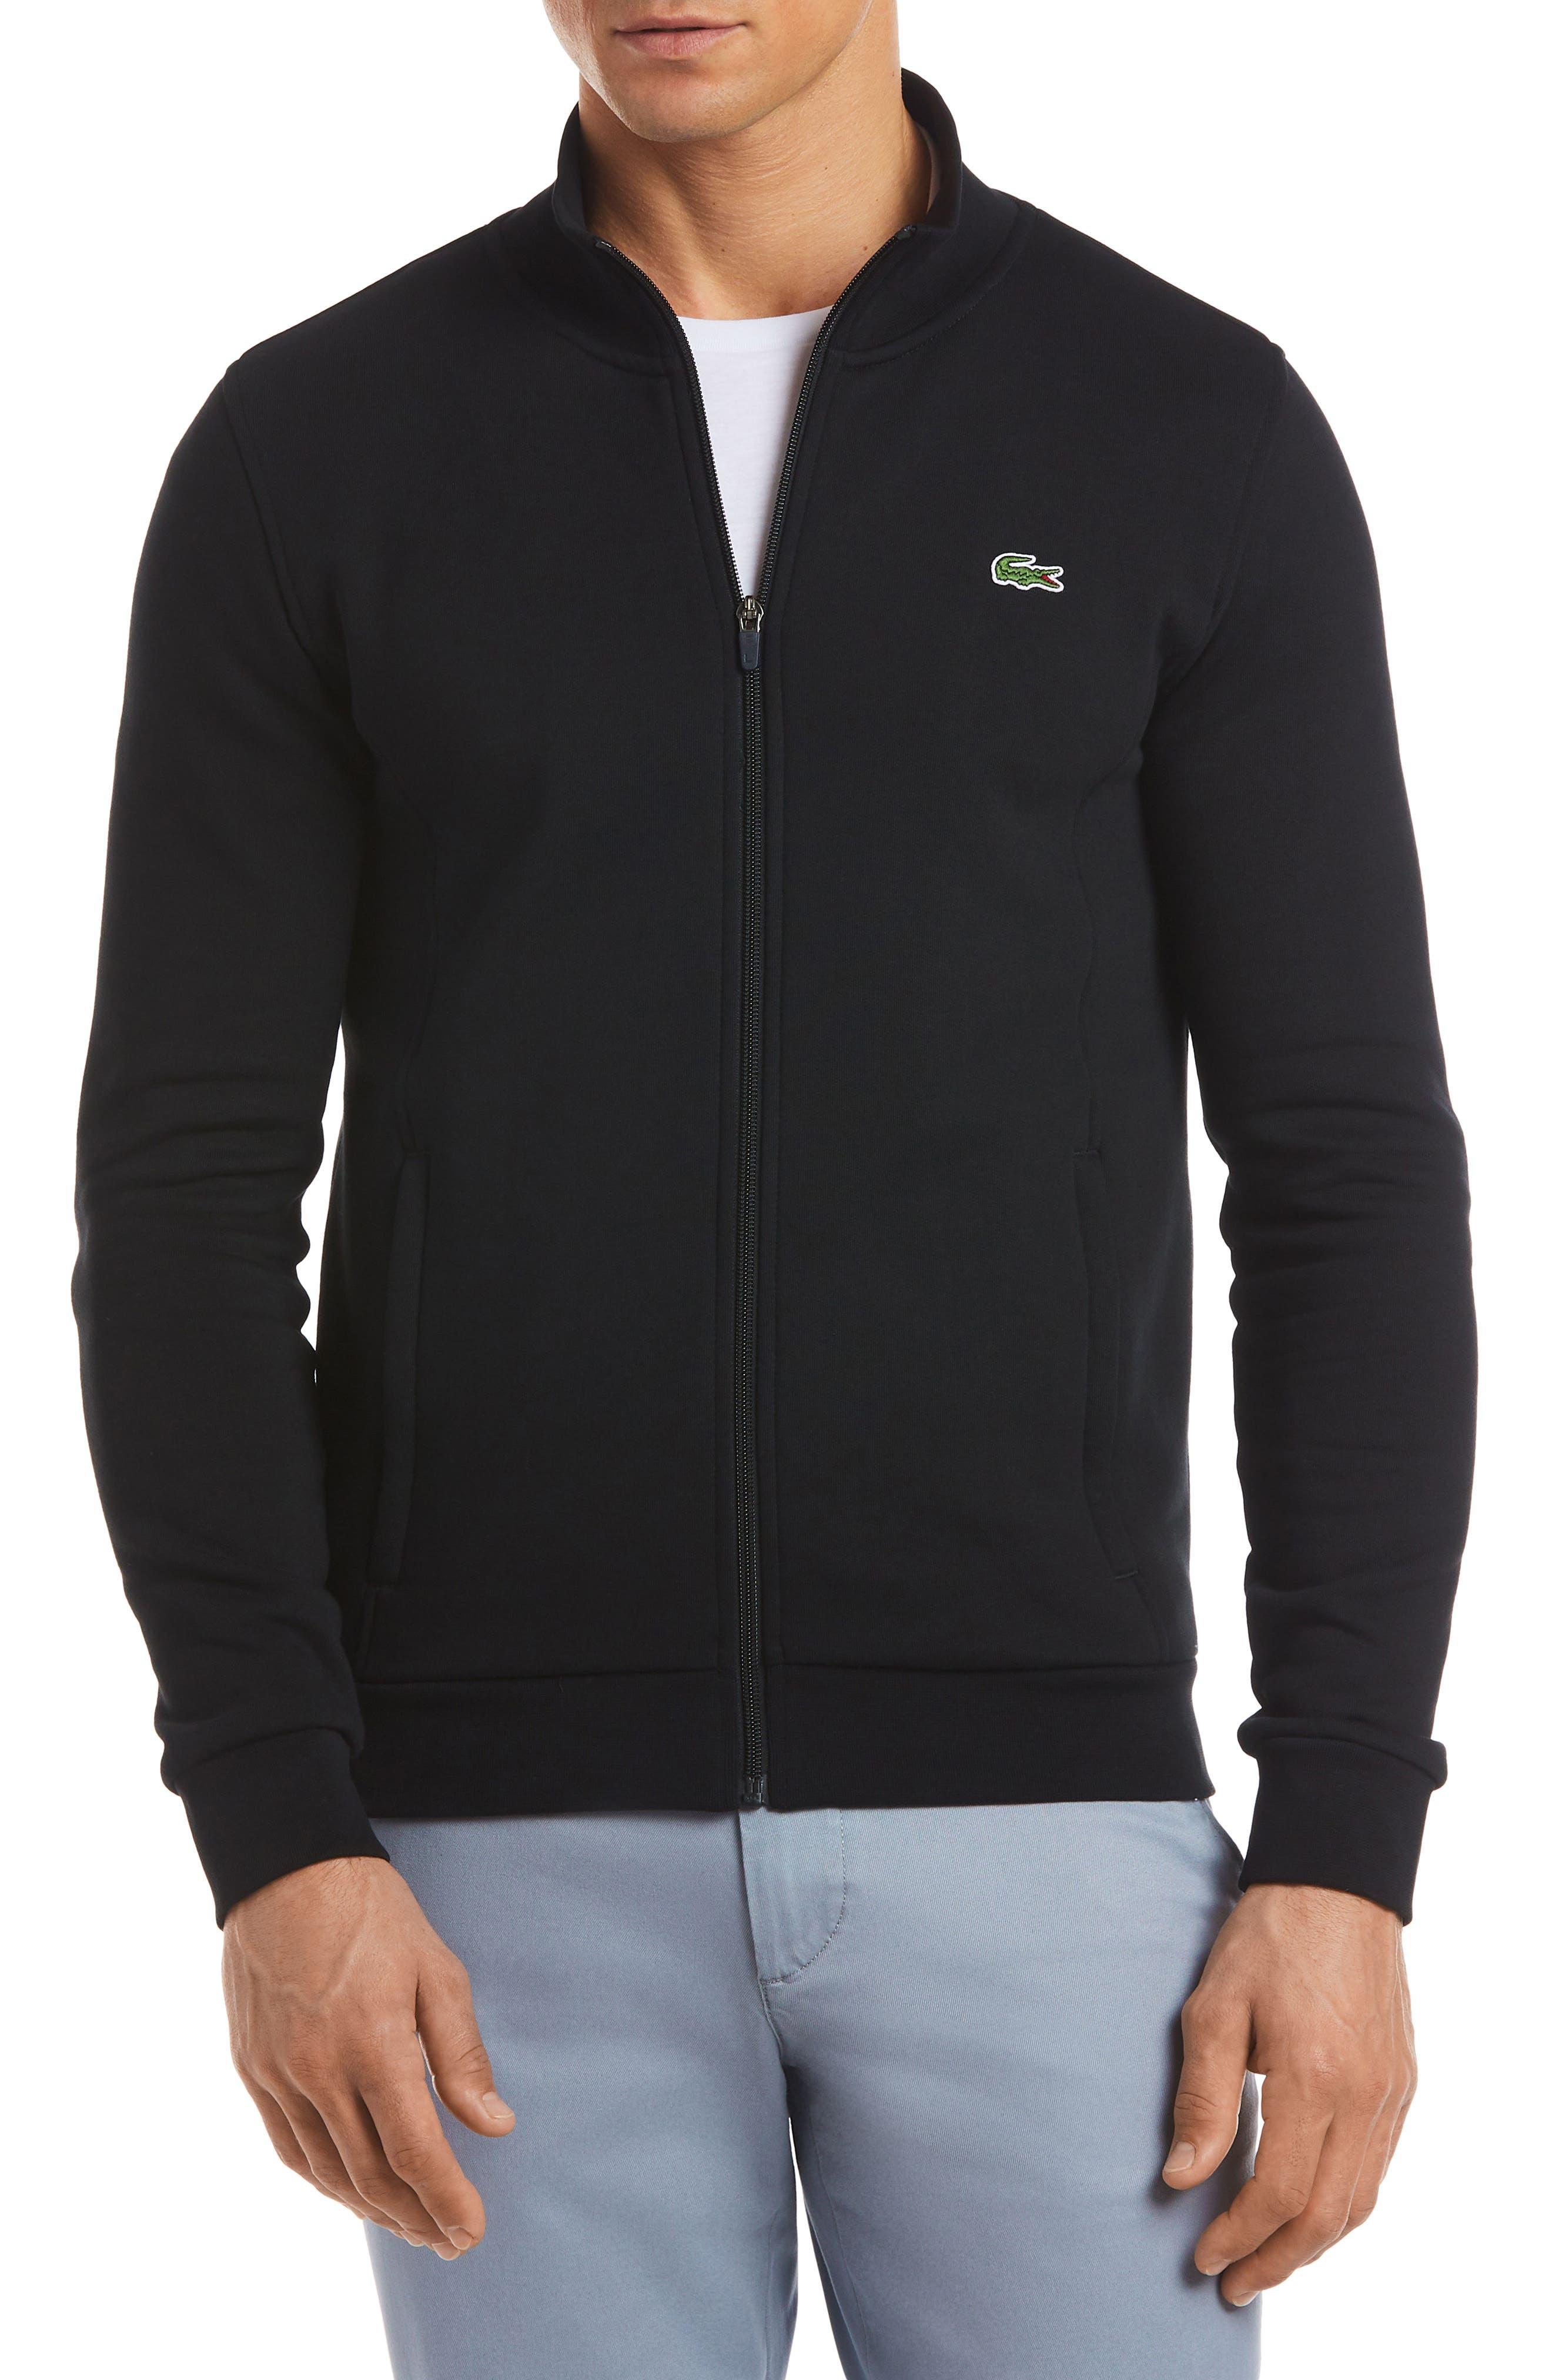 LACOSTE Fleece Zip Jacket, Main, color, 001